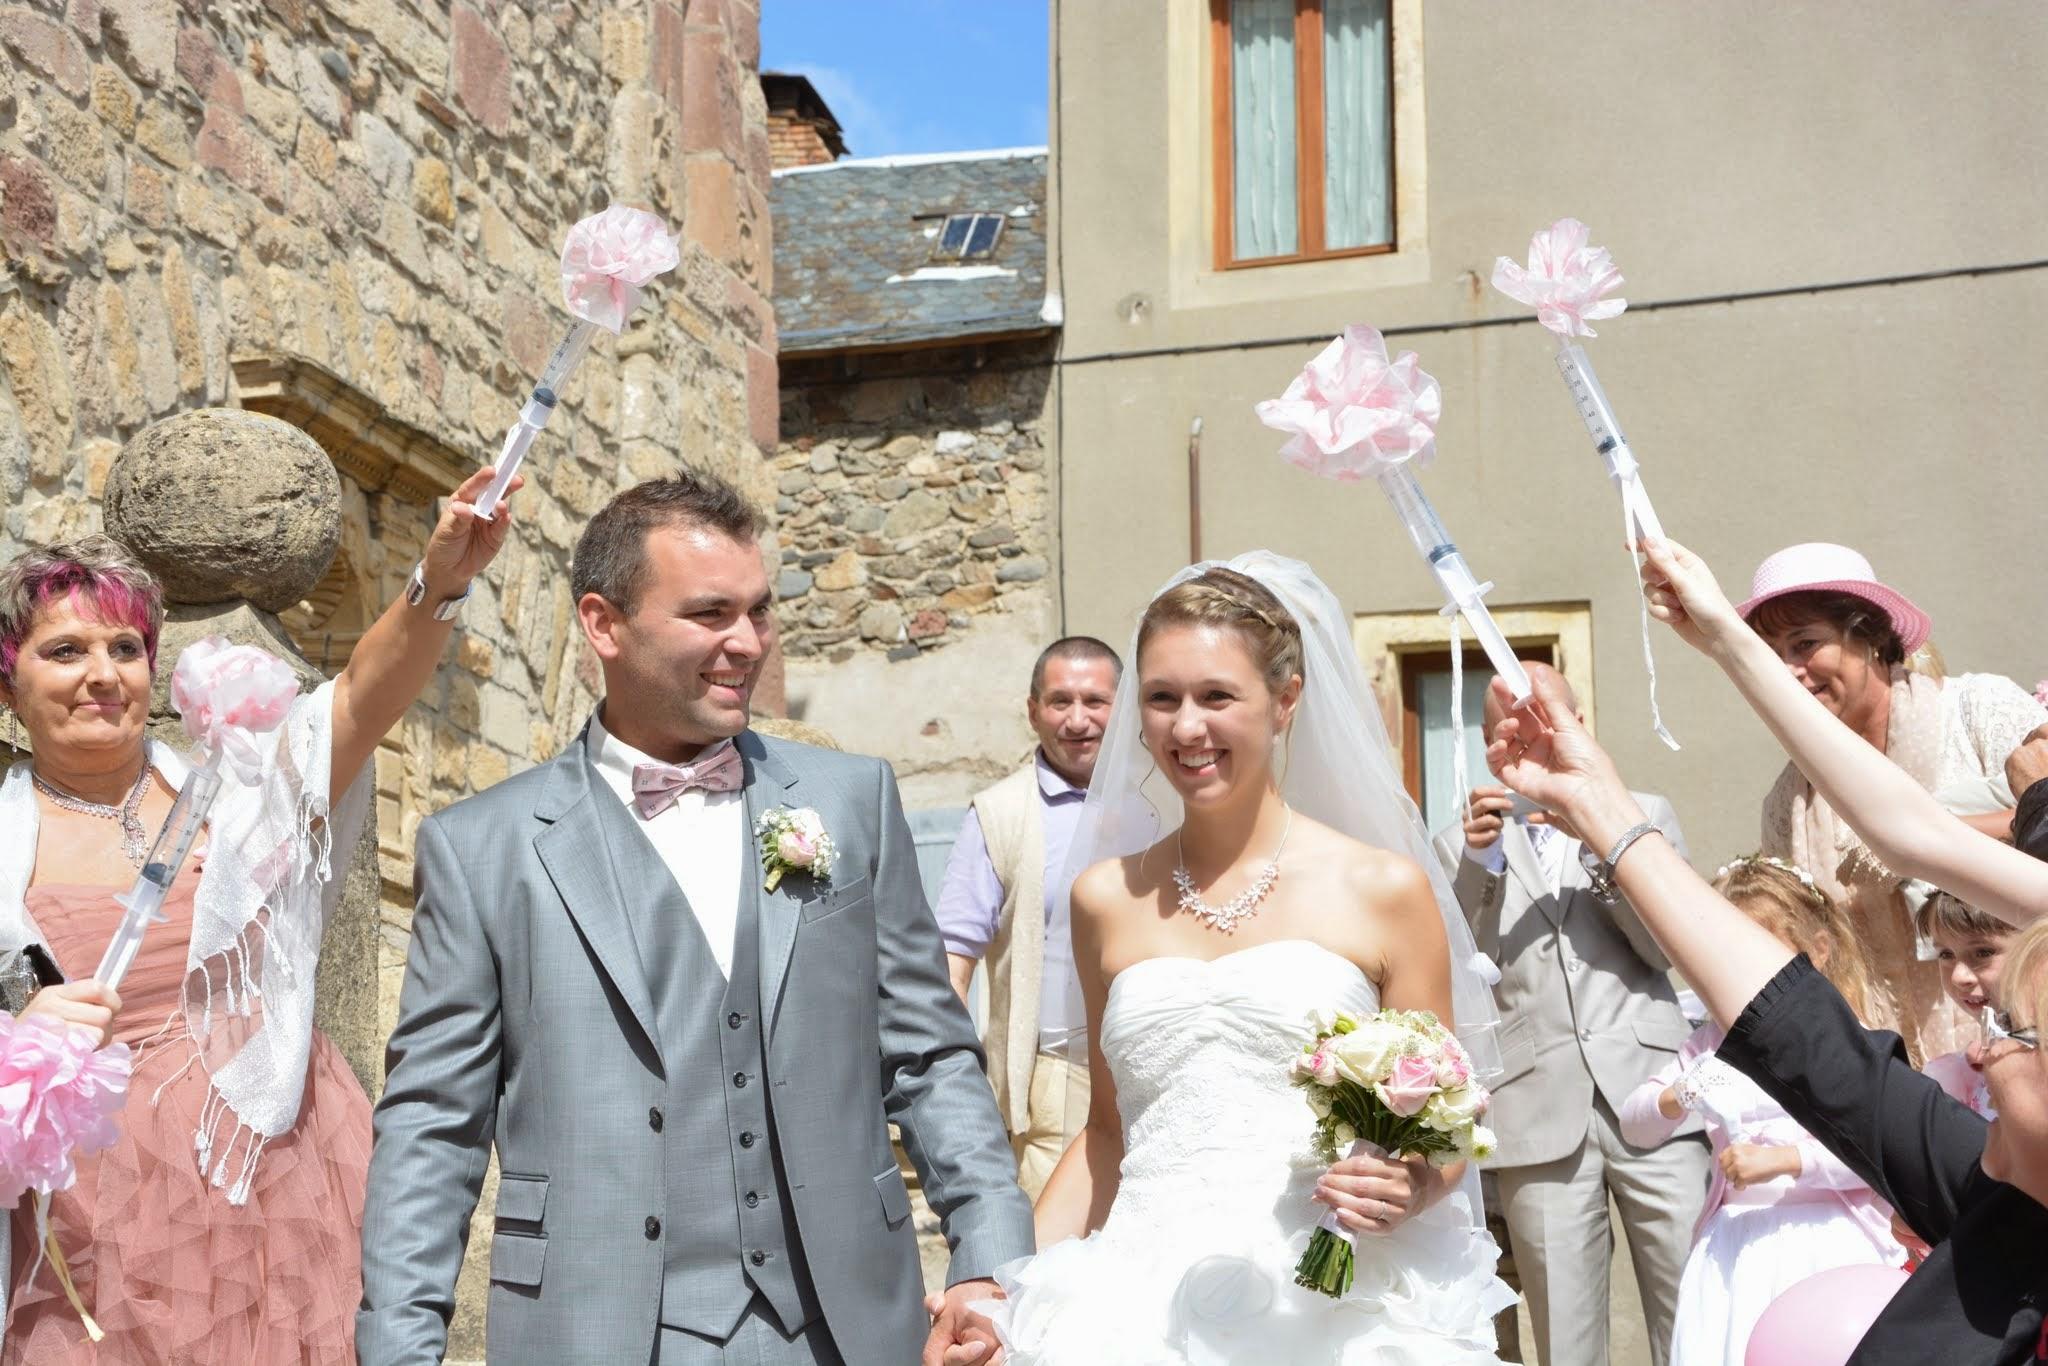 Le mariage champêtre romantique de Cécile avec une touche de rose